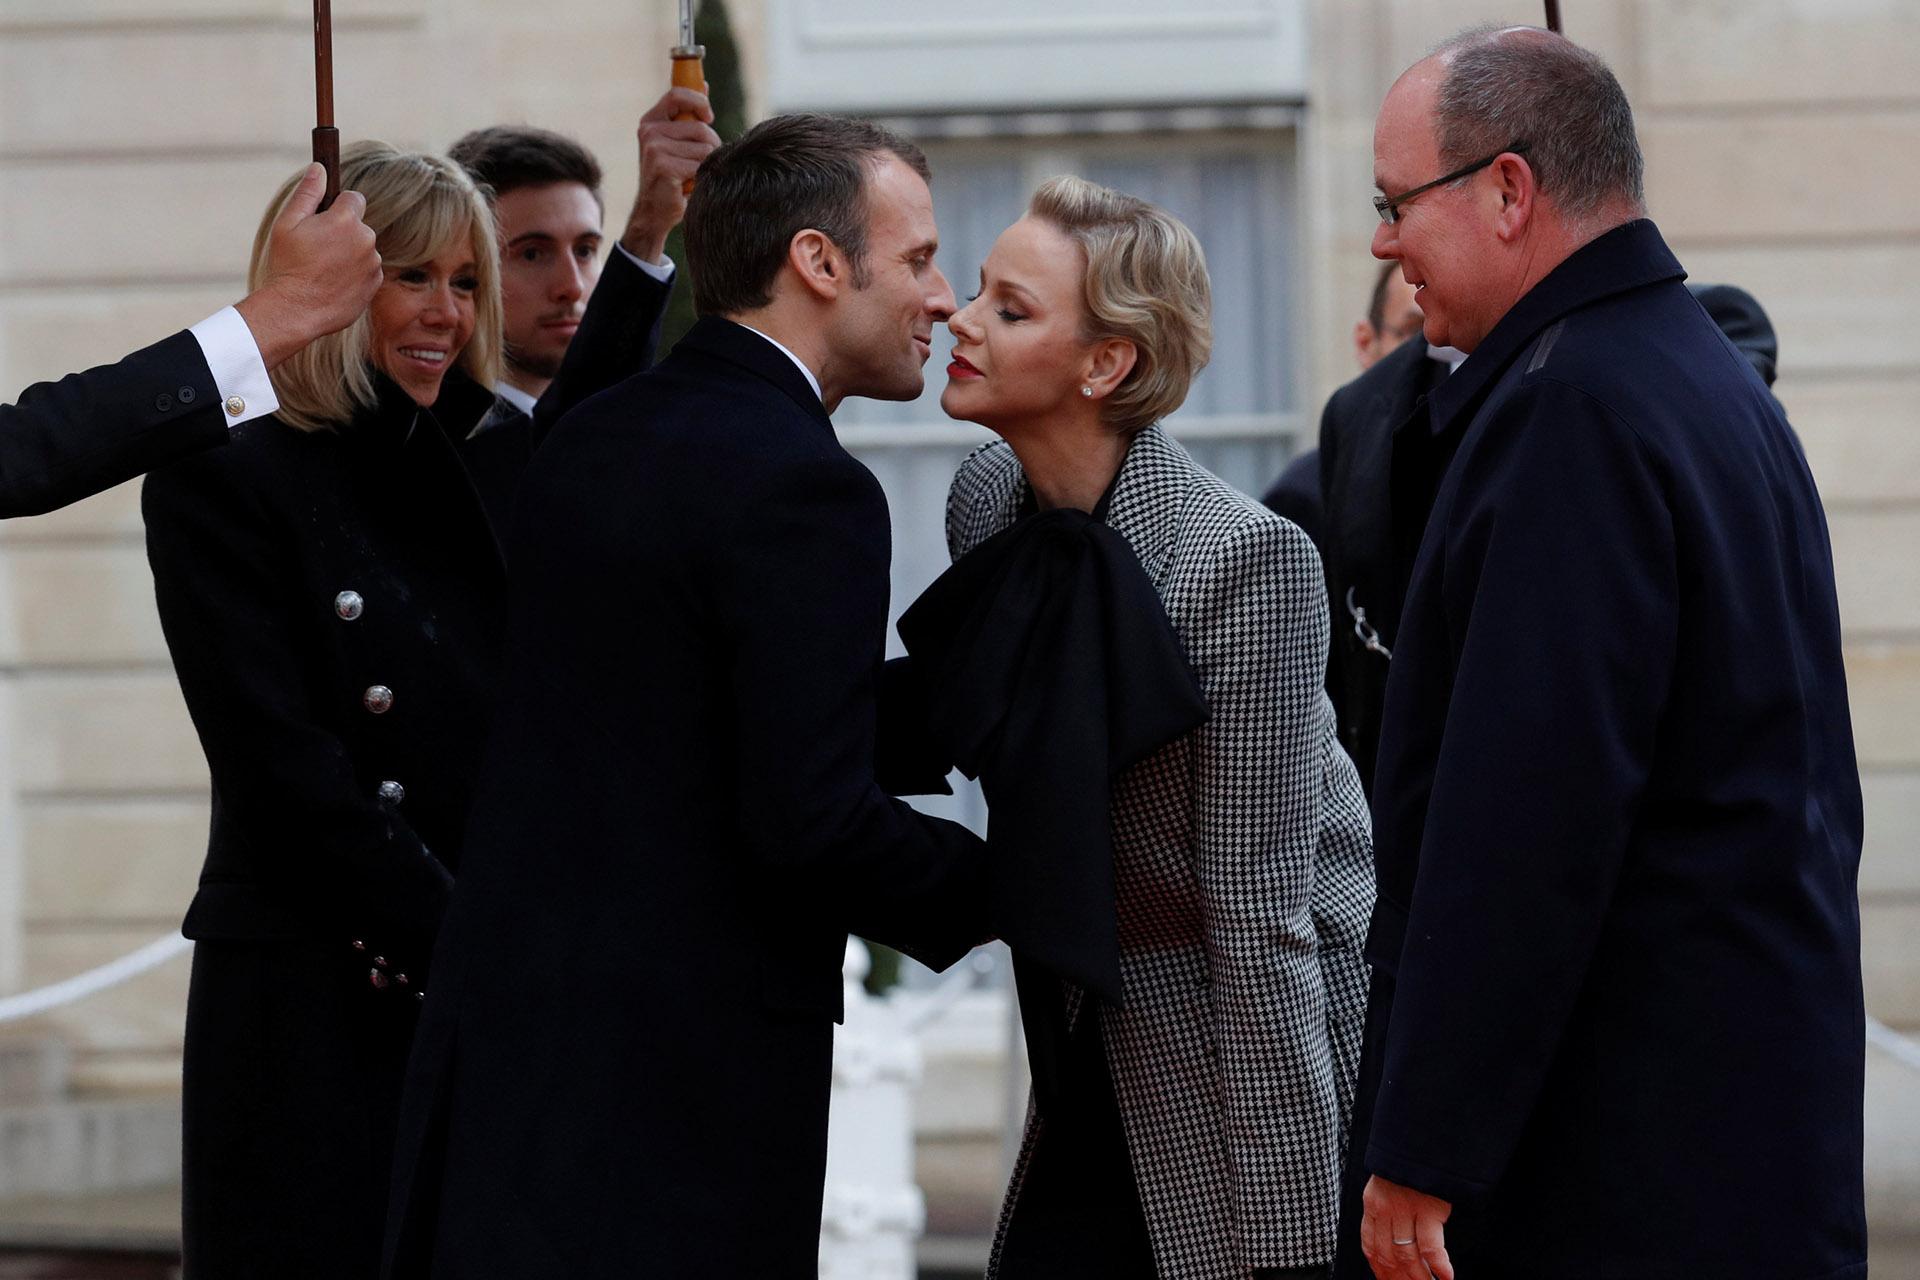 El saludo de ambos matrimonios en la entrada del Palacio de Versalles